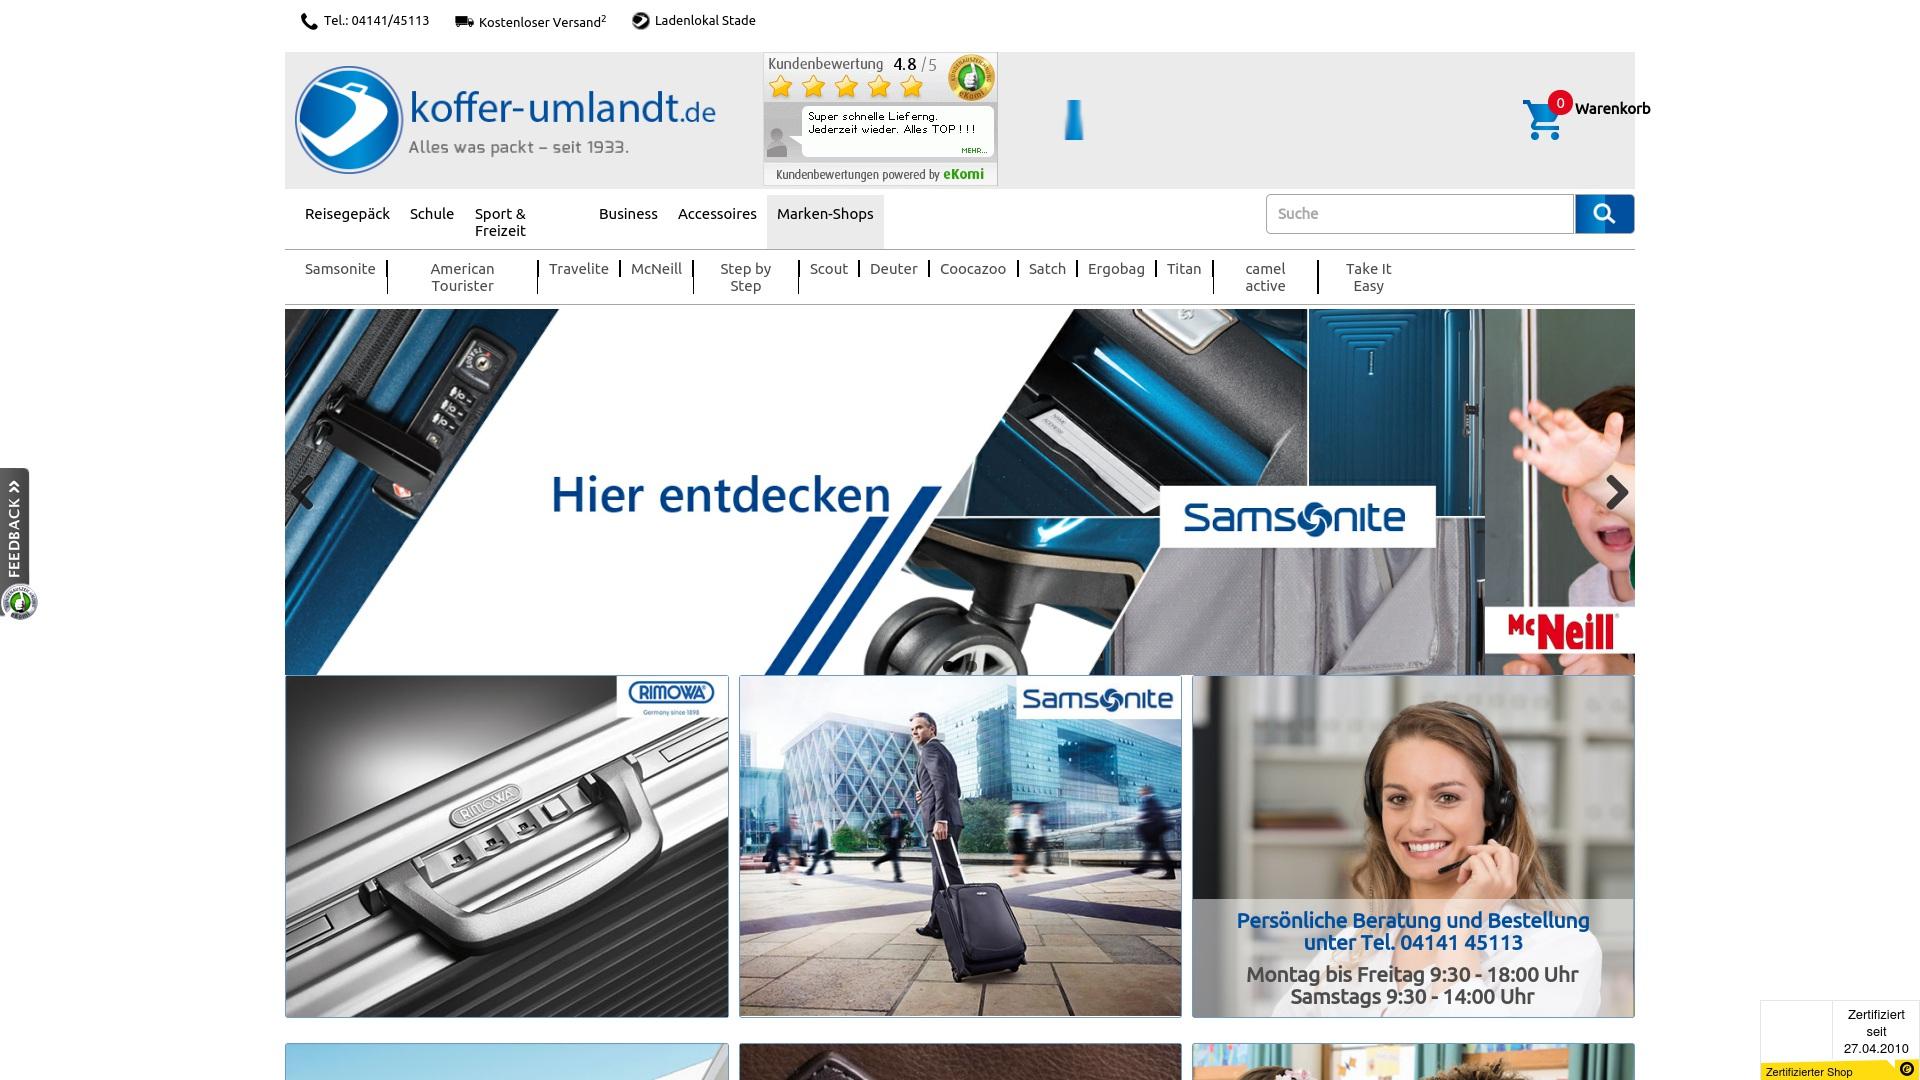 Gutschein für Koffer-umlandt: Rabatte für  Koffer-umlandt sichern